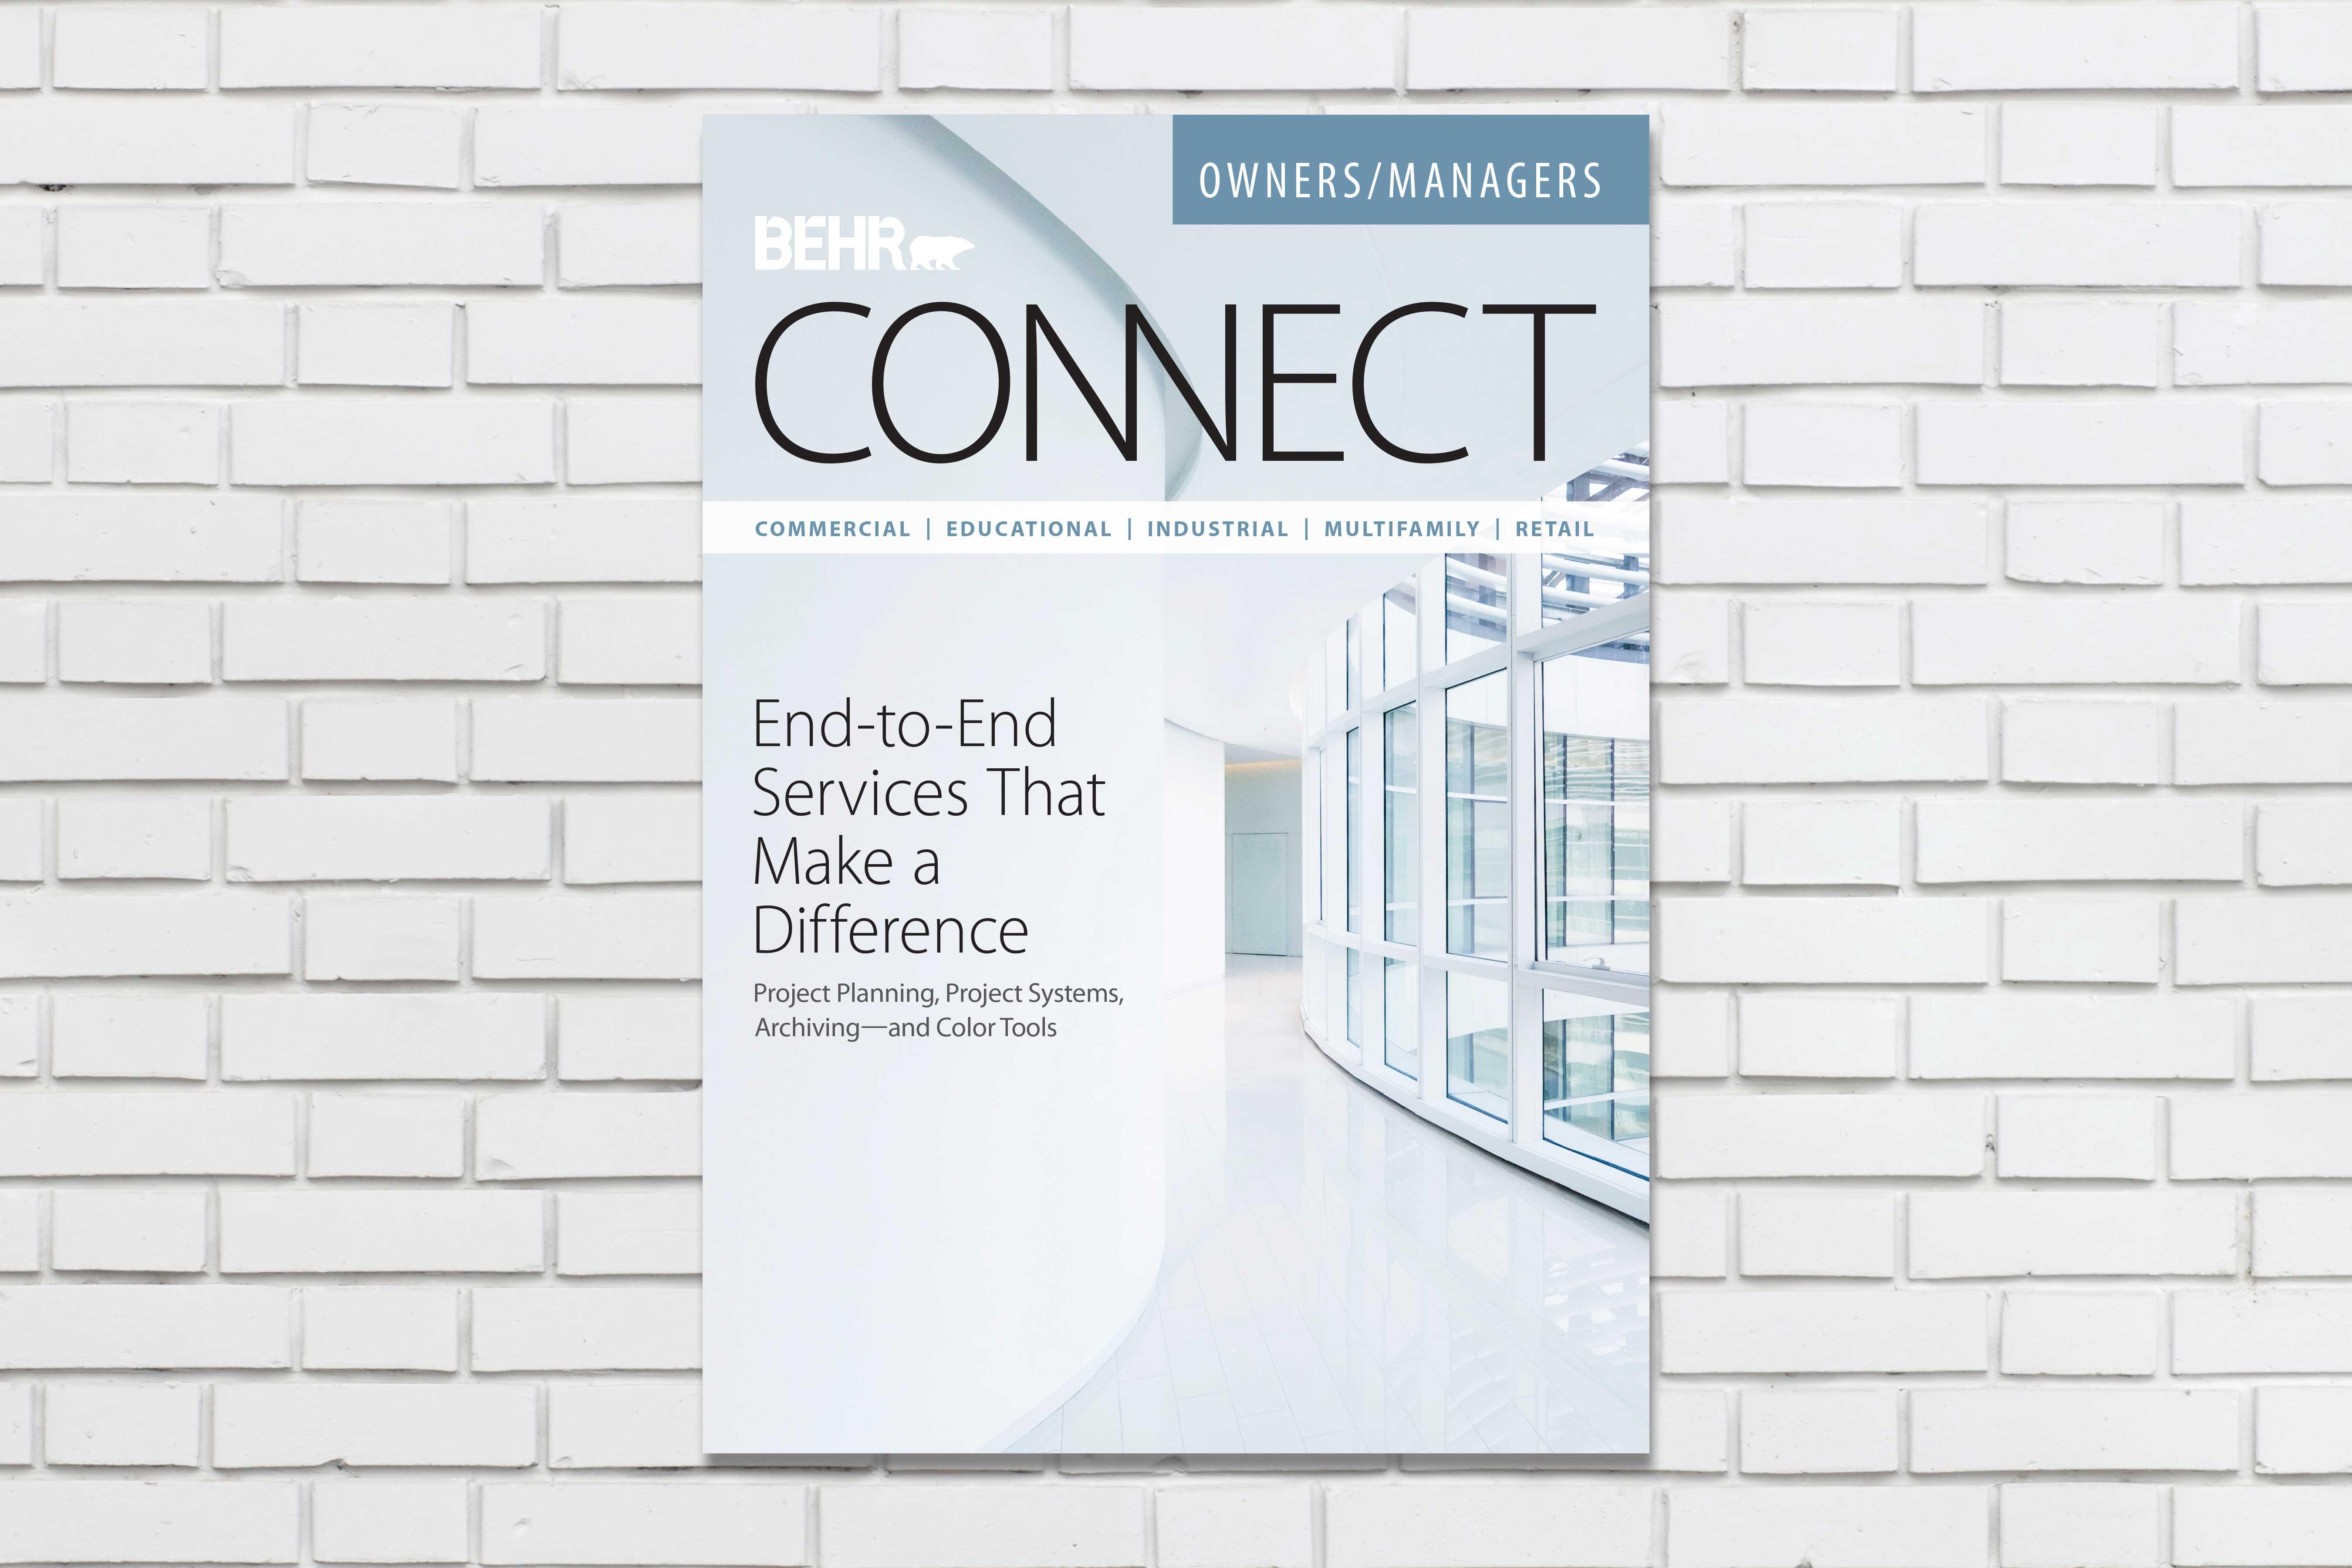 BEHR Connect